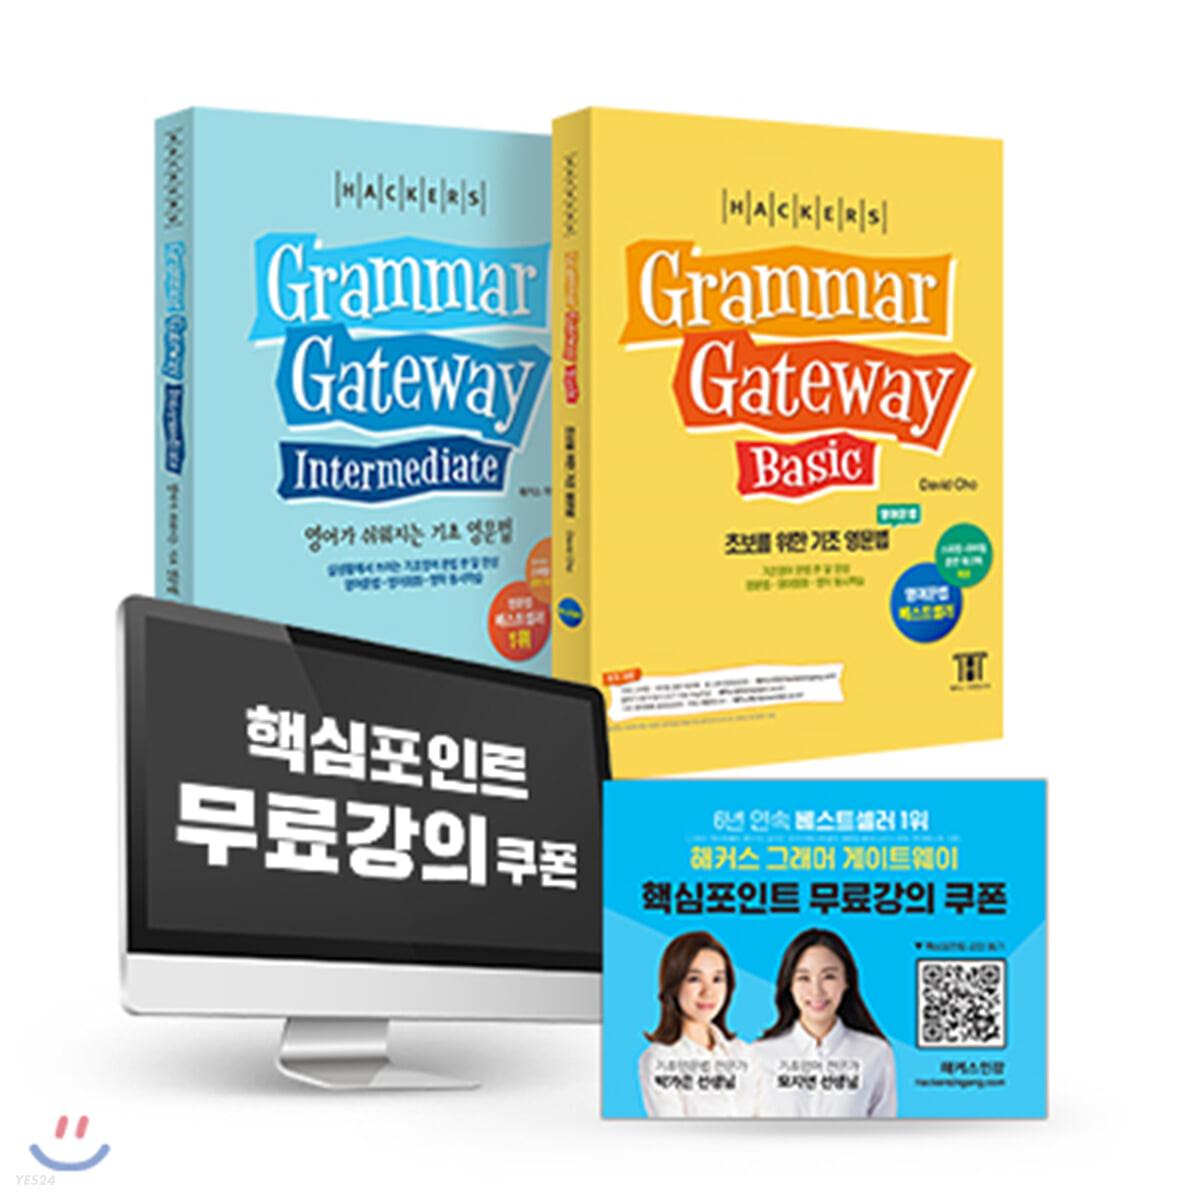 해커스 Grammar gateway 그래머 게이트웨이 한국어판 패키지